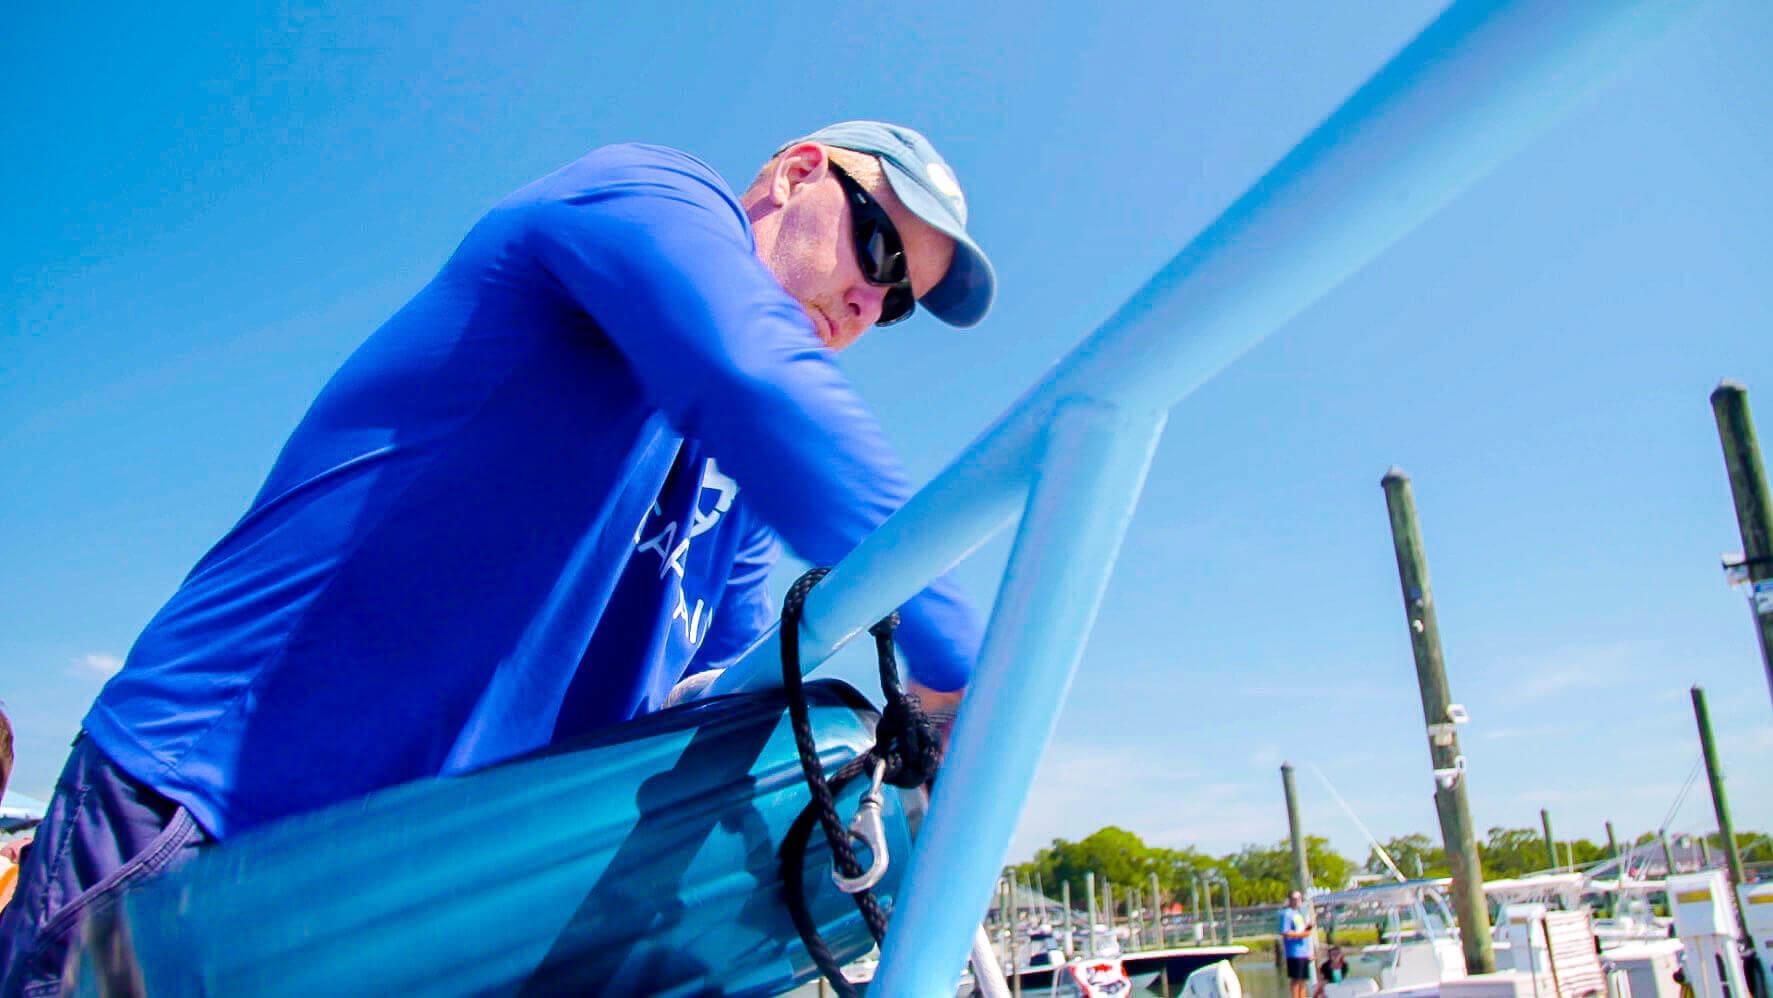 bluewaveadventures